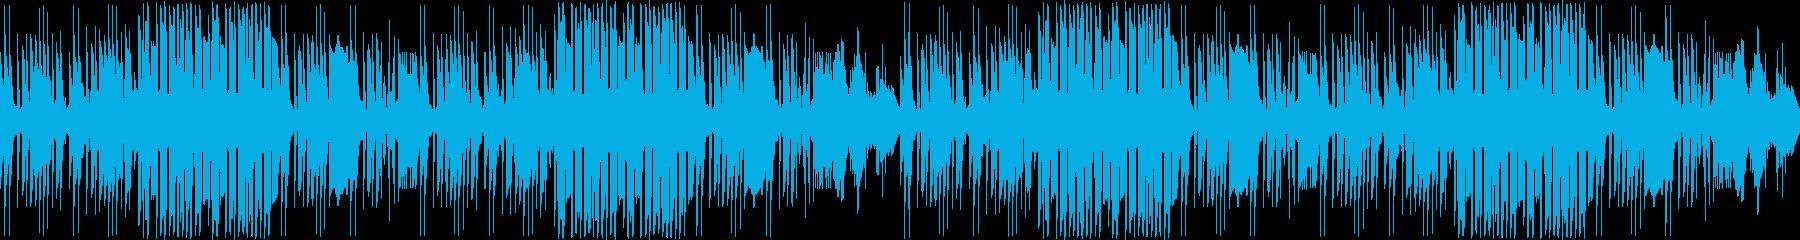 【神秘的なエレクトロニカ/ファンタジー】の再生済みの波形